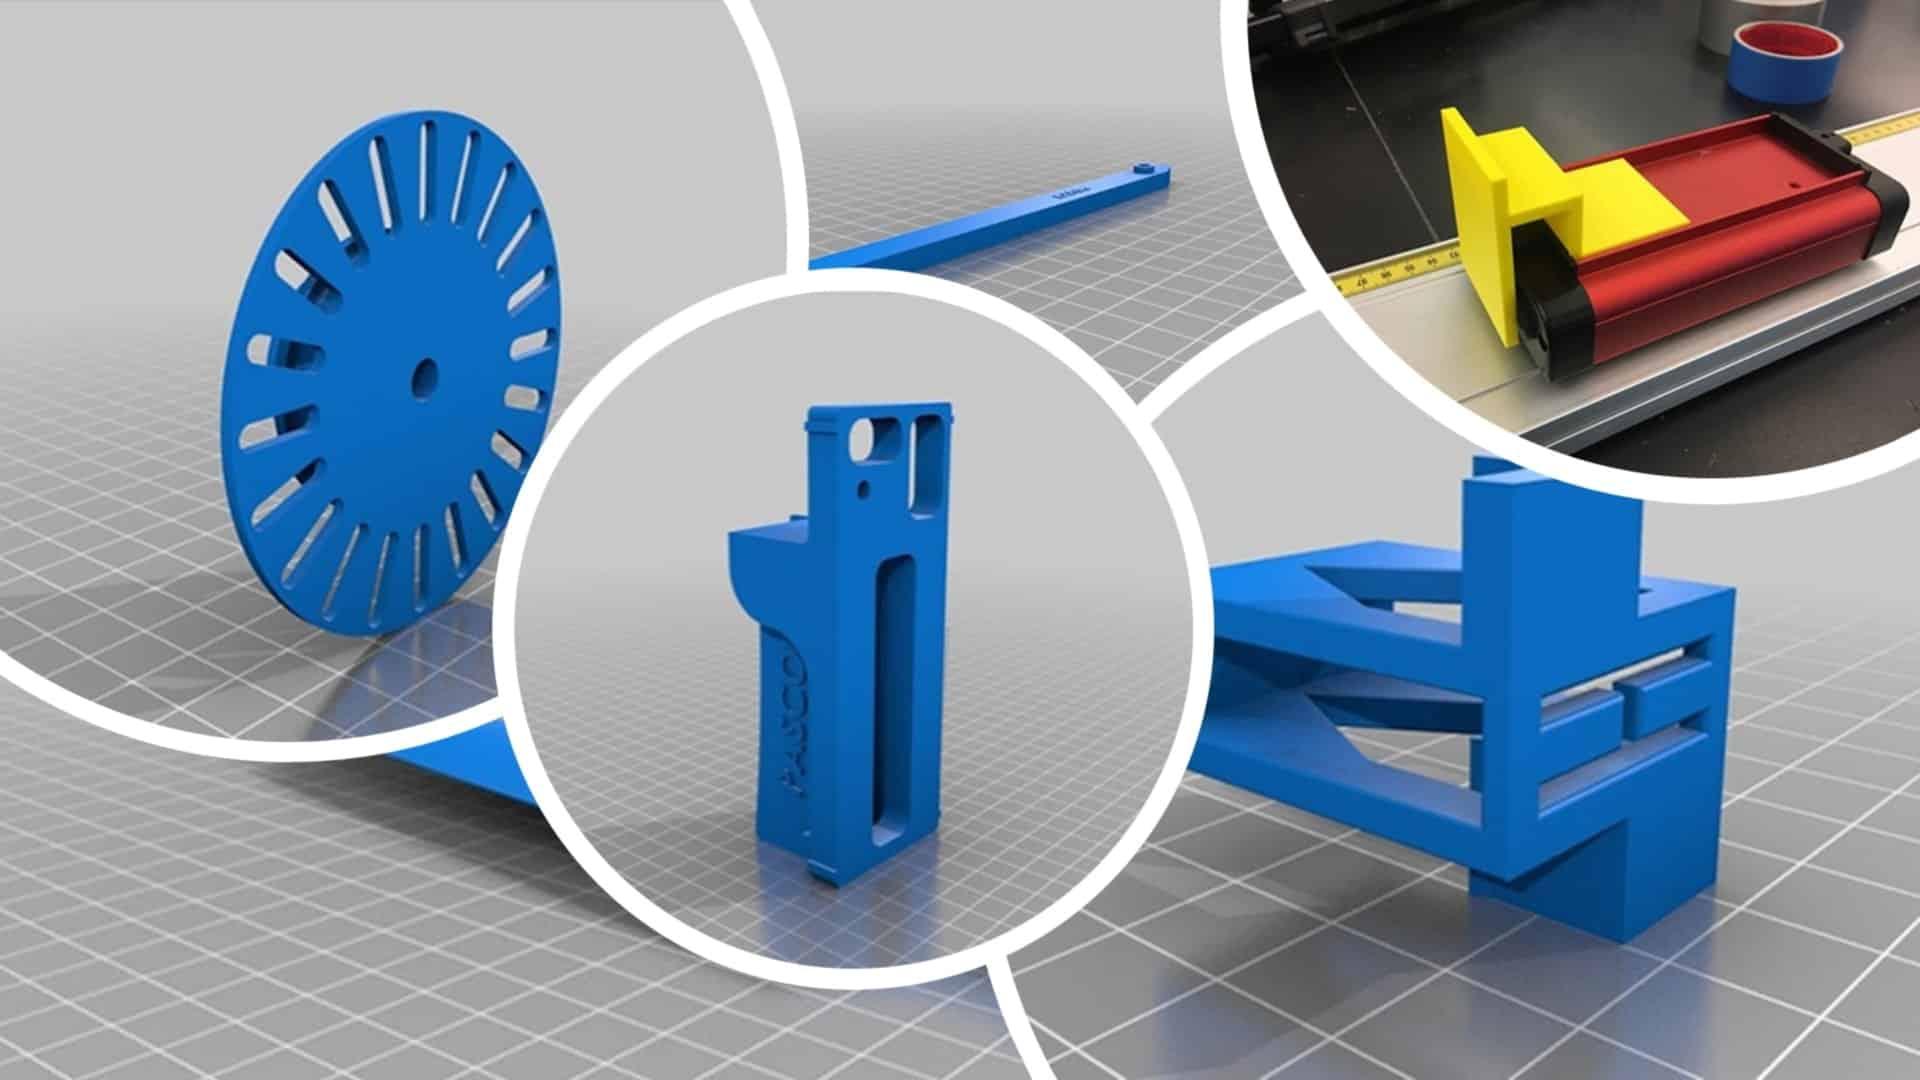 Kuidas kasutada 3D -printerit haridusprotsessi huvides?